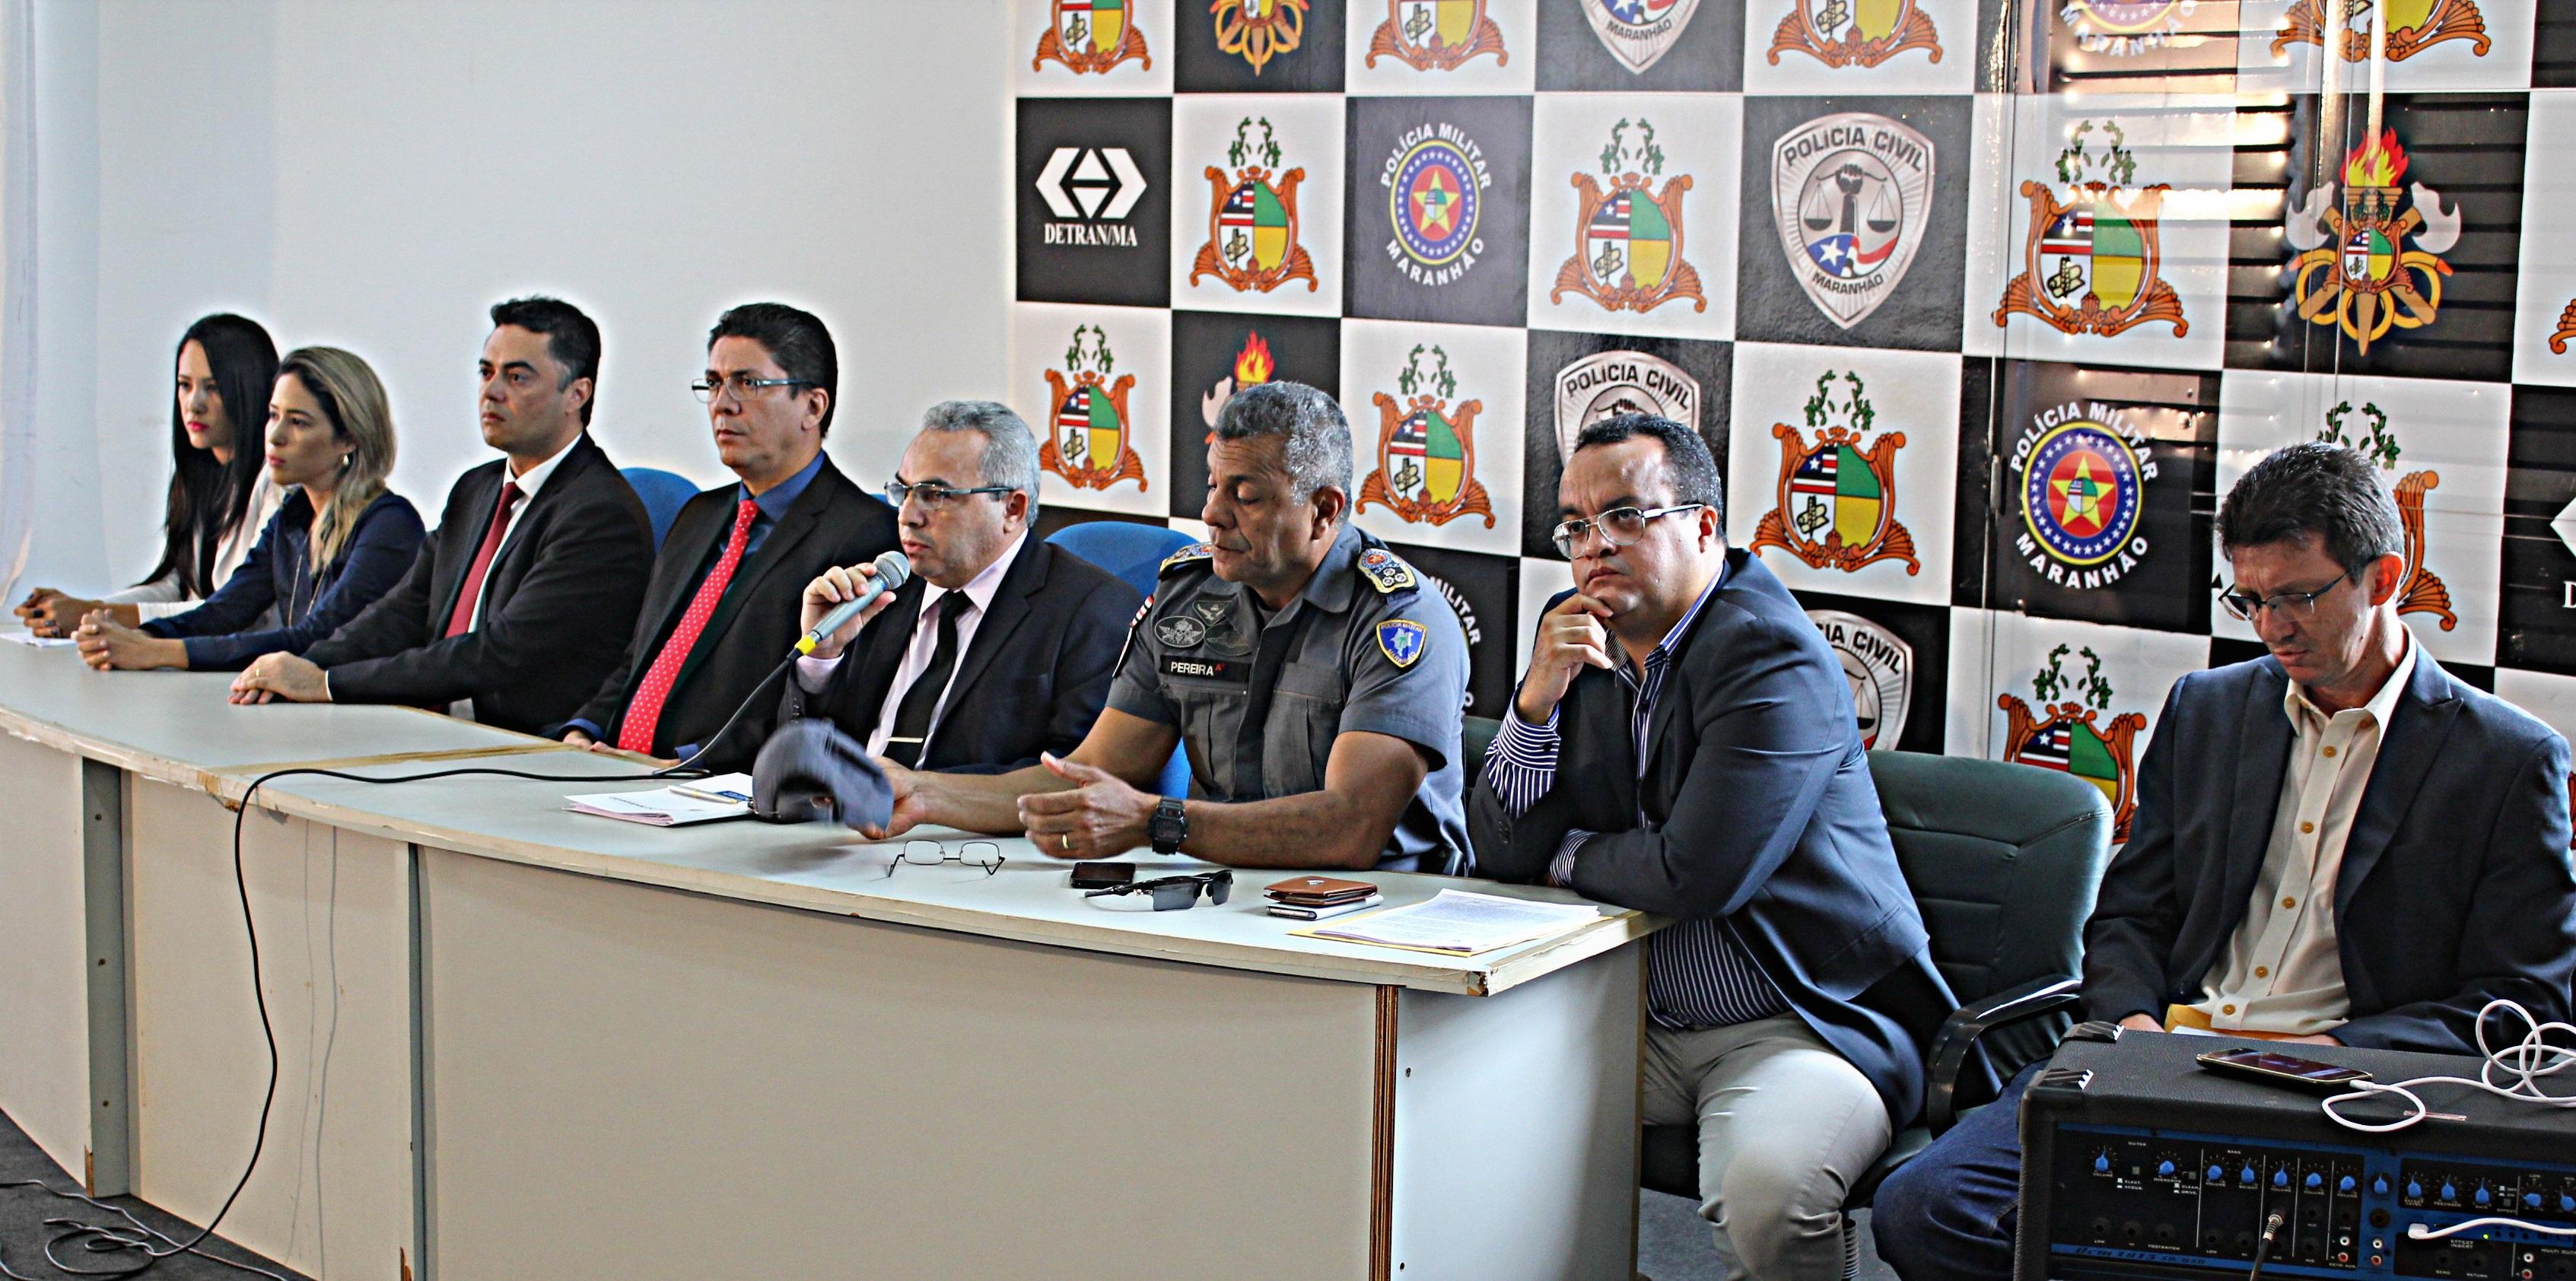 Polícia Técnico-Cientifica do Maranhão relata trabalhos periciais realizados sobre o caso Mariana Costa